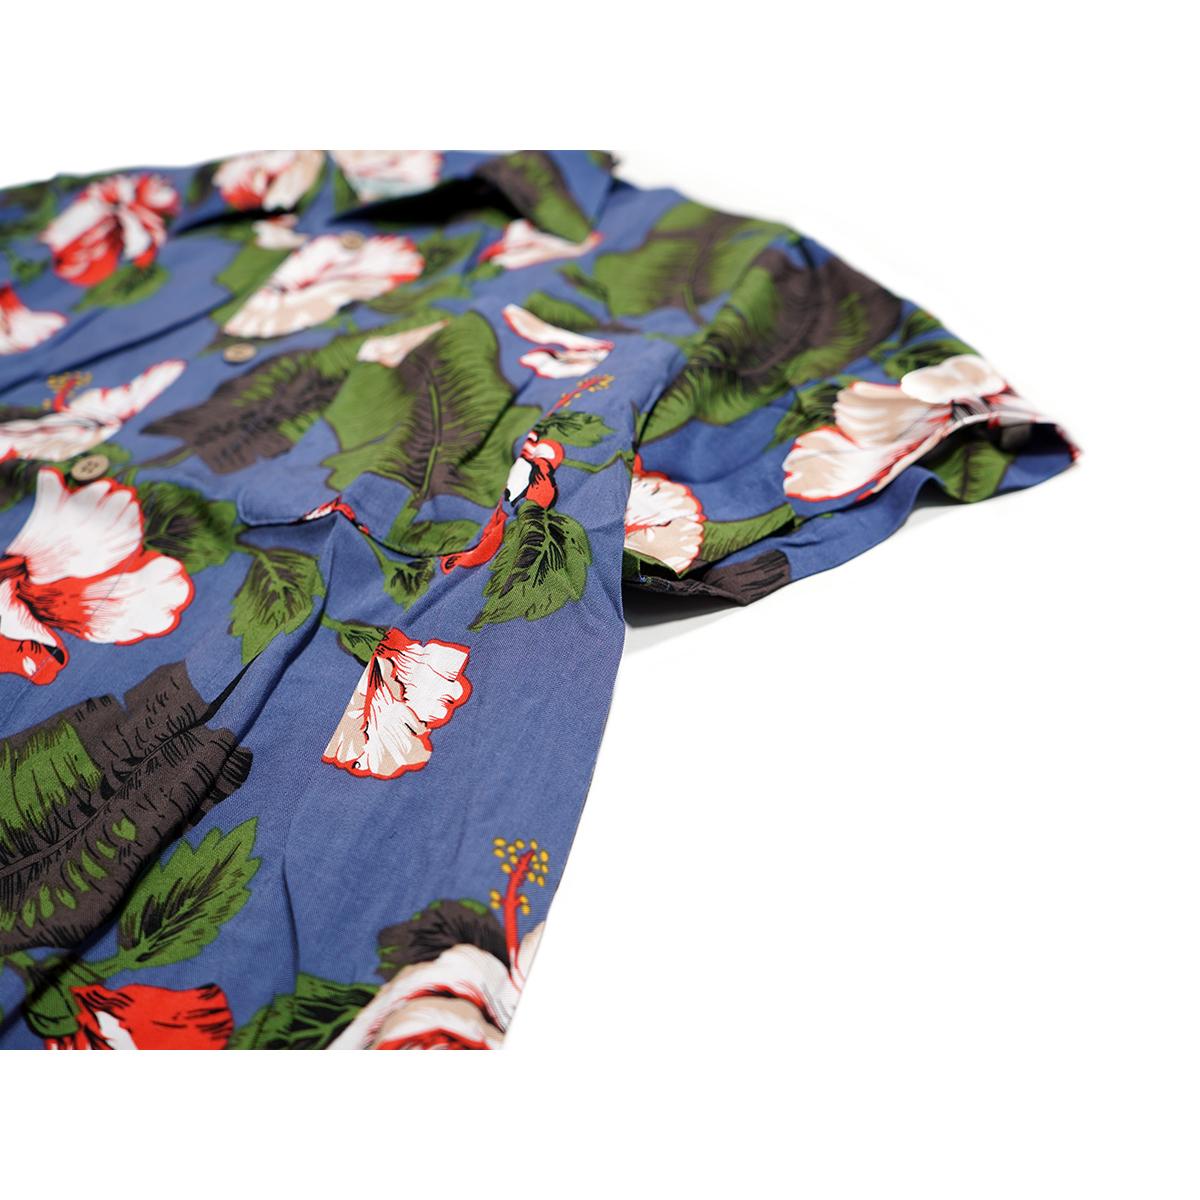 【新品】 アロハシャツ レーヨン フラワー柄■ 4Lサイズ(3XL) / グリーン緑42 ■大きいサイズ ボタニカル 花 オープンカラー b008_画像4